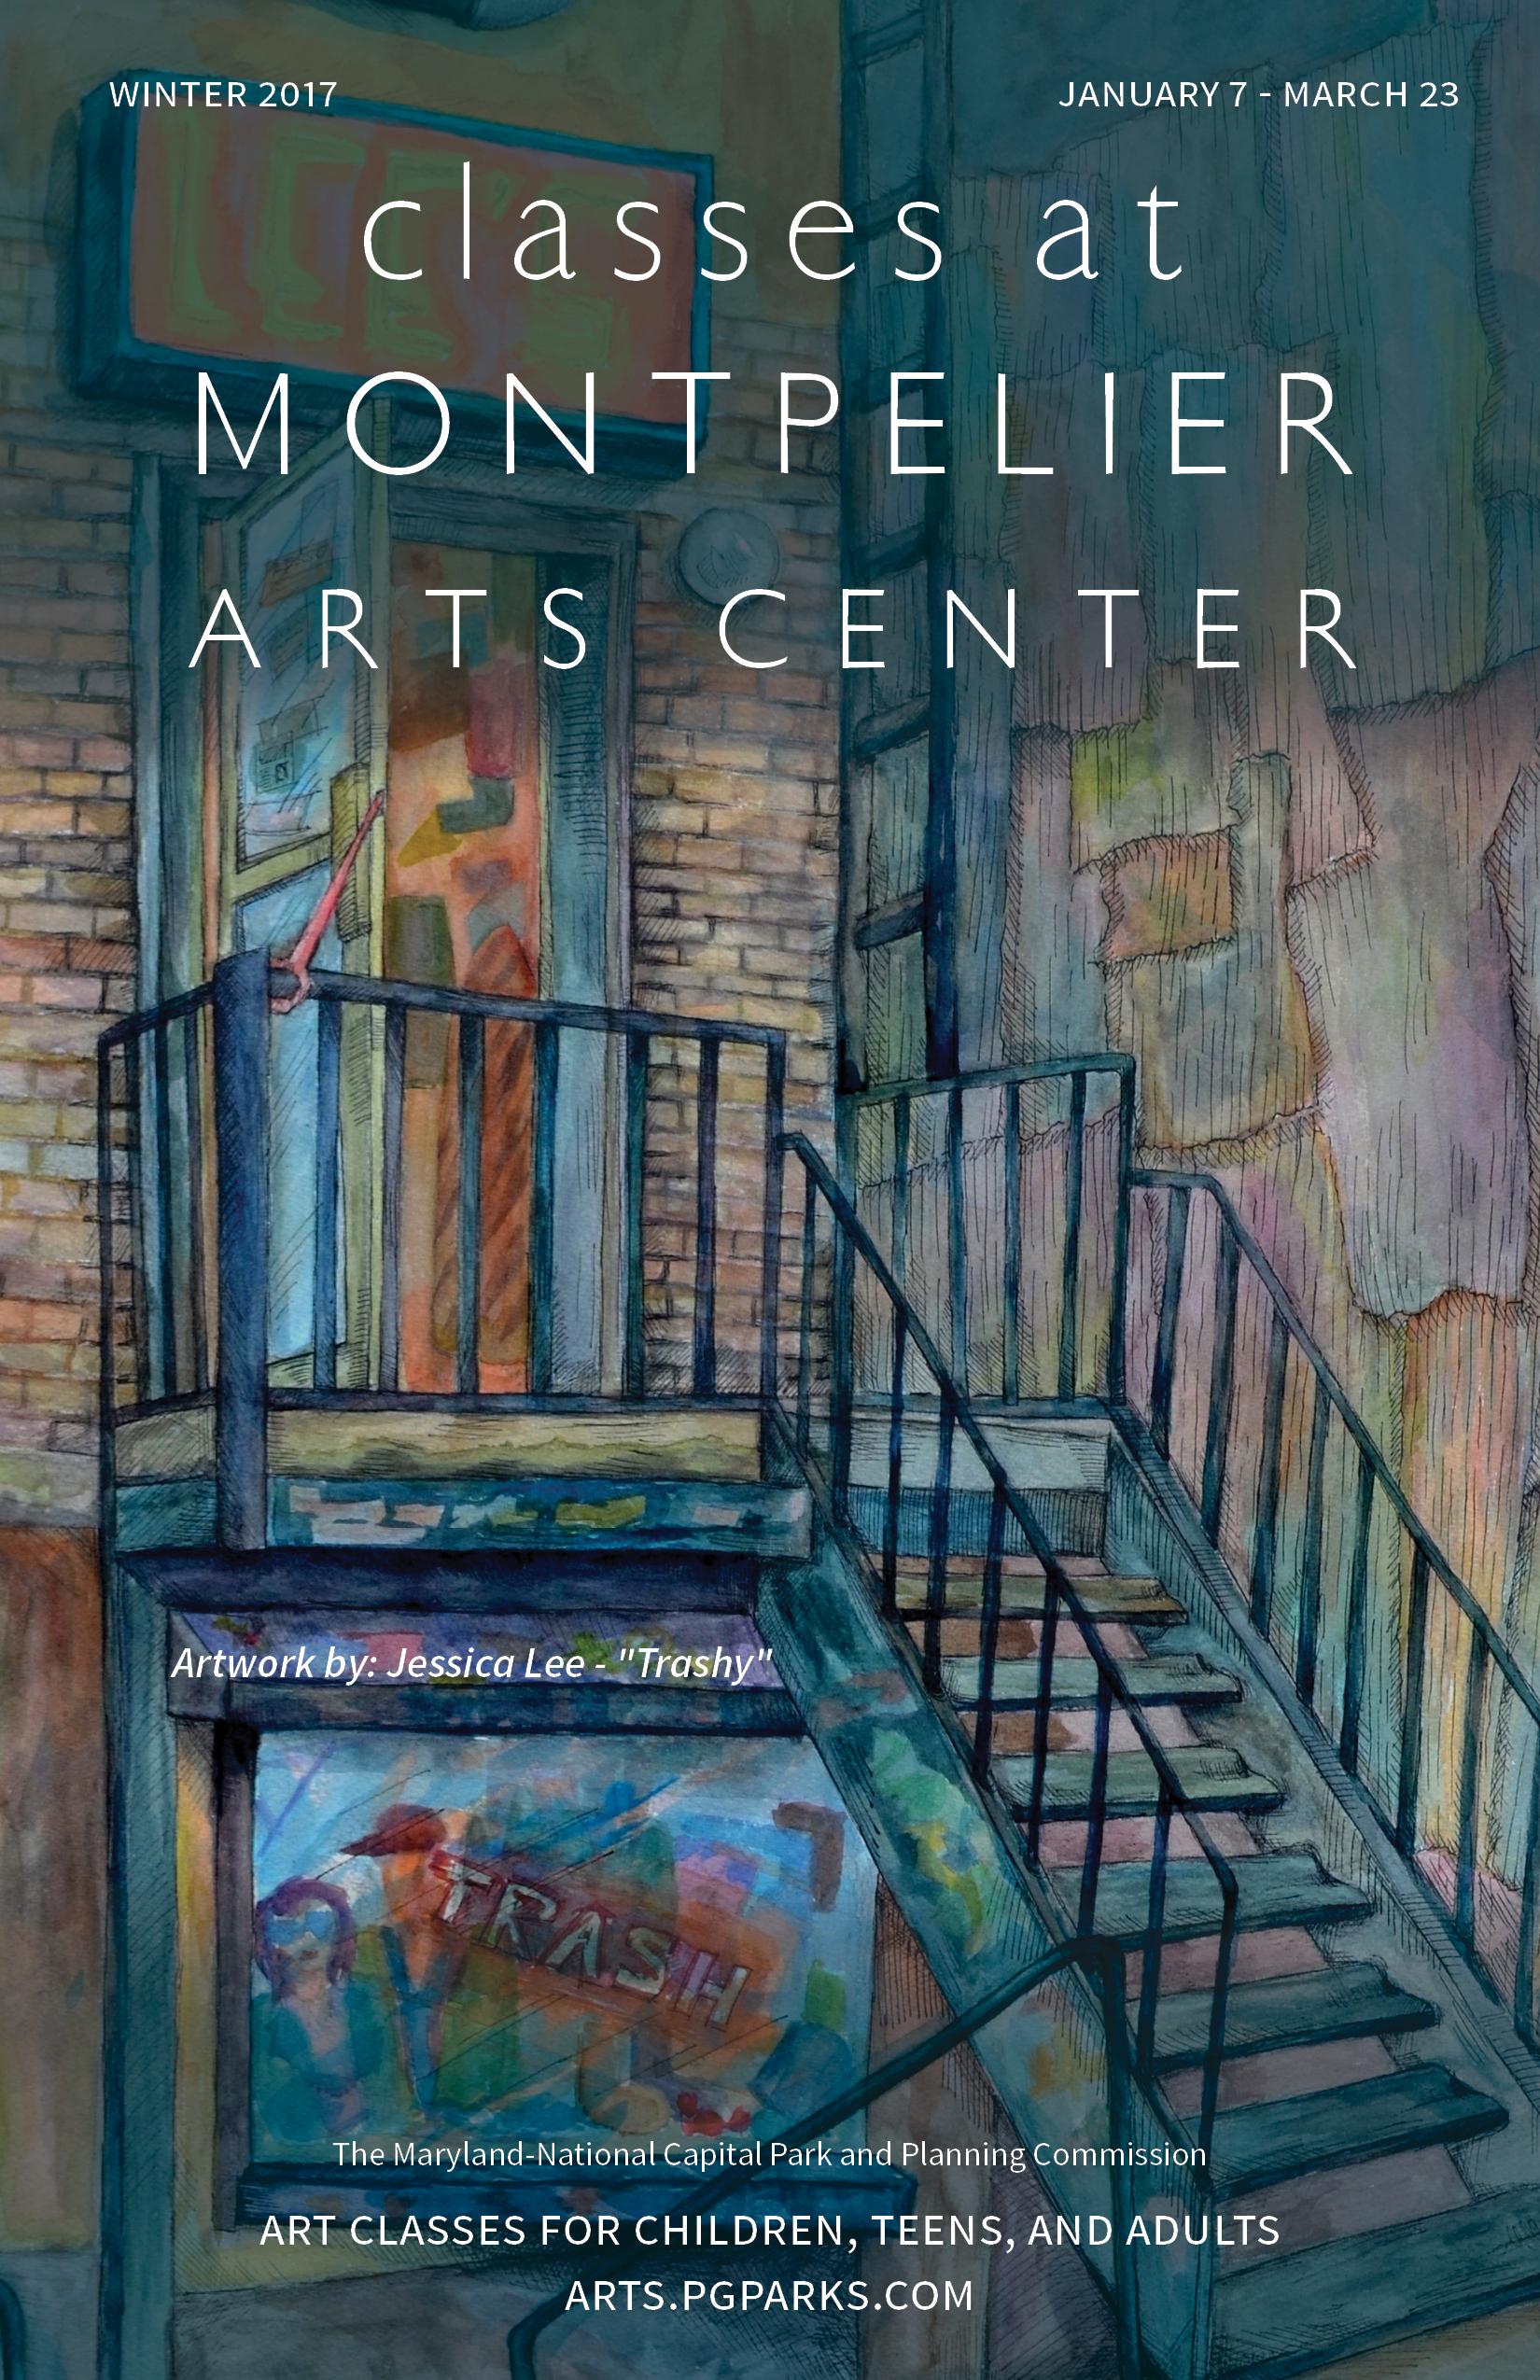 2016 Winter: Montpelier Arts Center